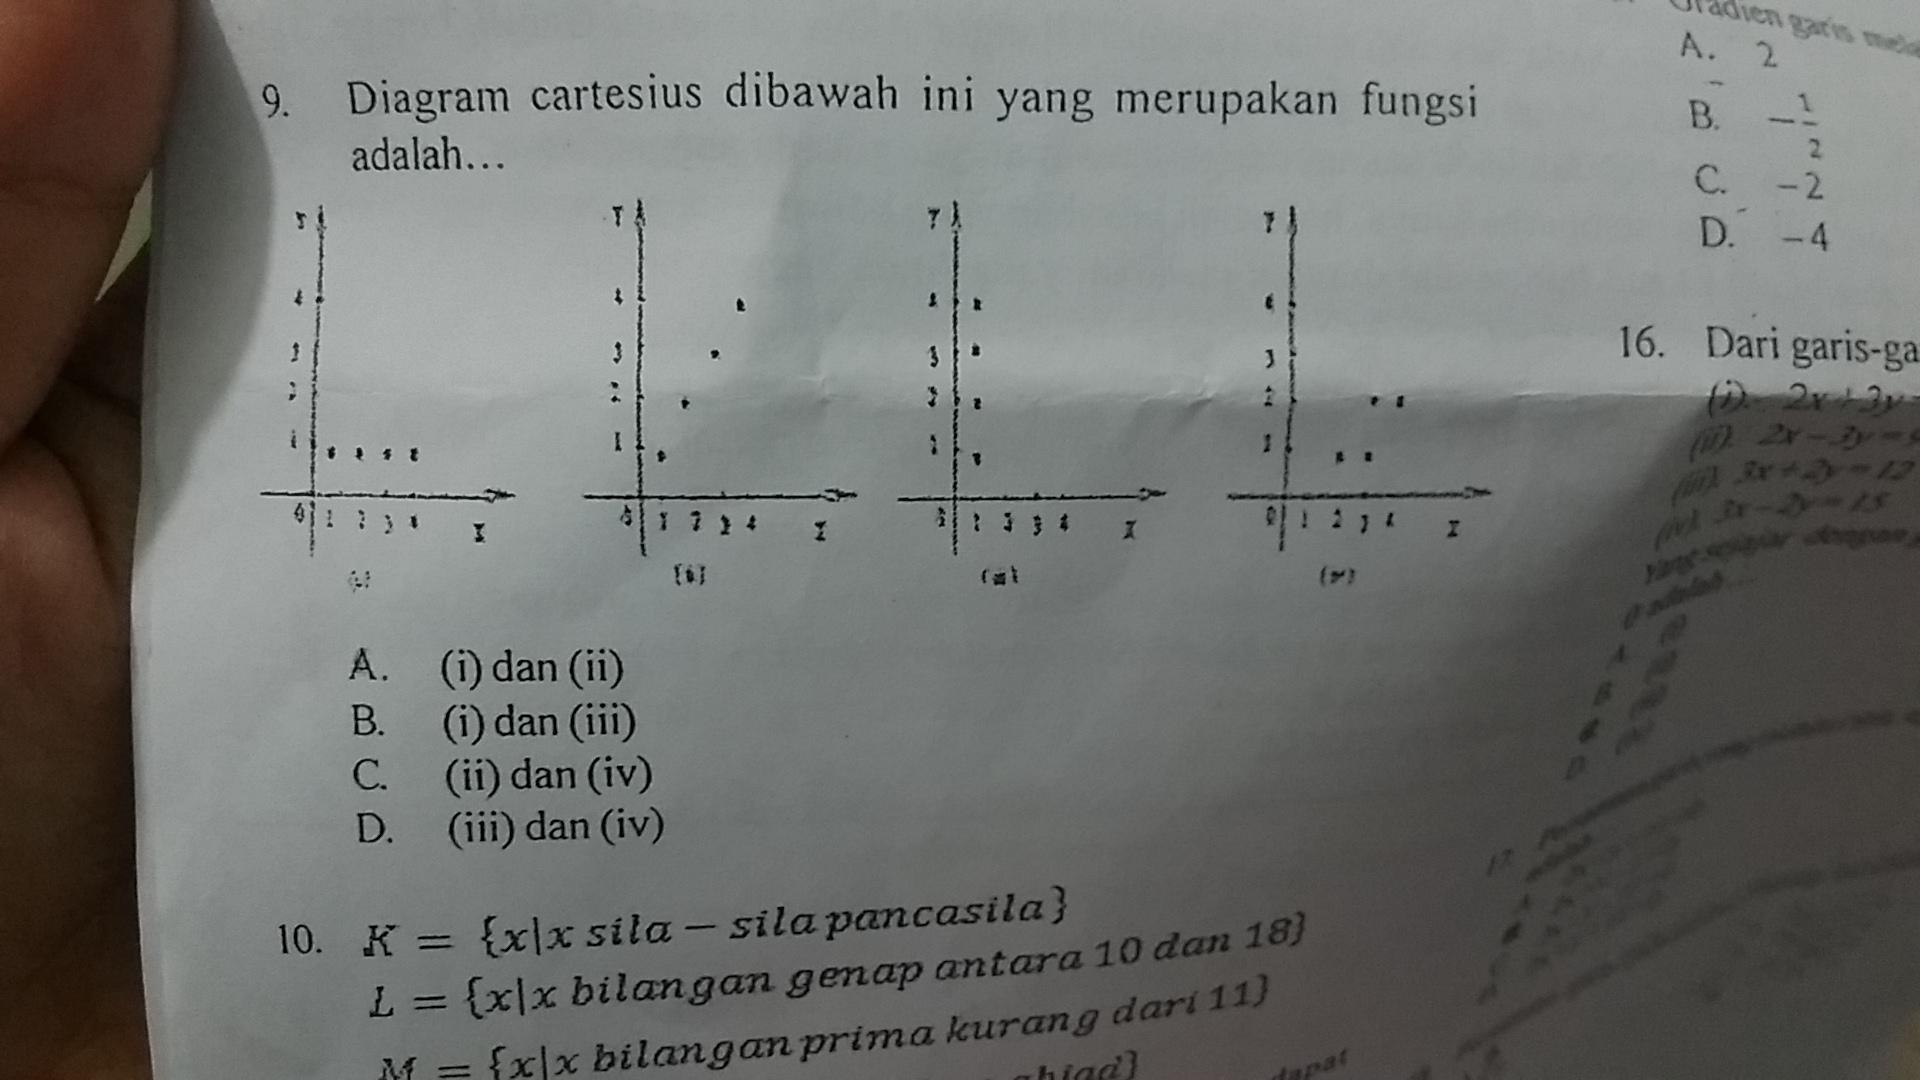 No9 diagram cartesius yang merupakan fungsi brainly no9 diagram cartesius yang merupakan fungsi ccuart Images